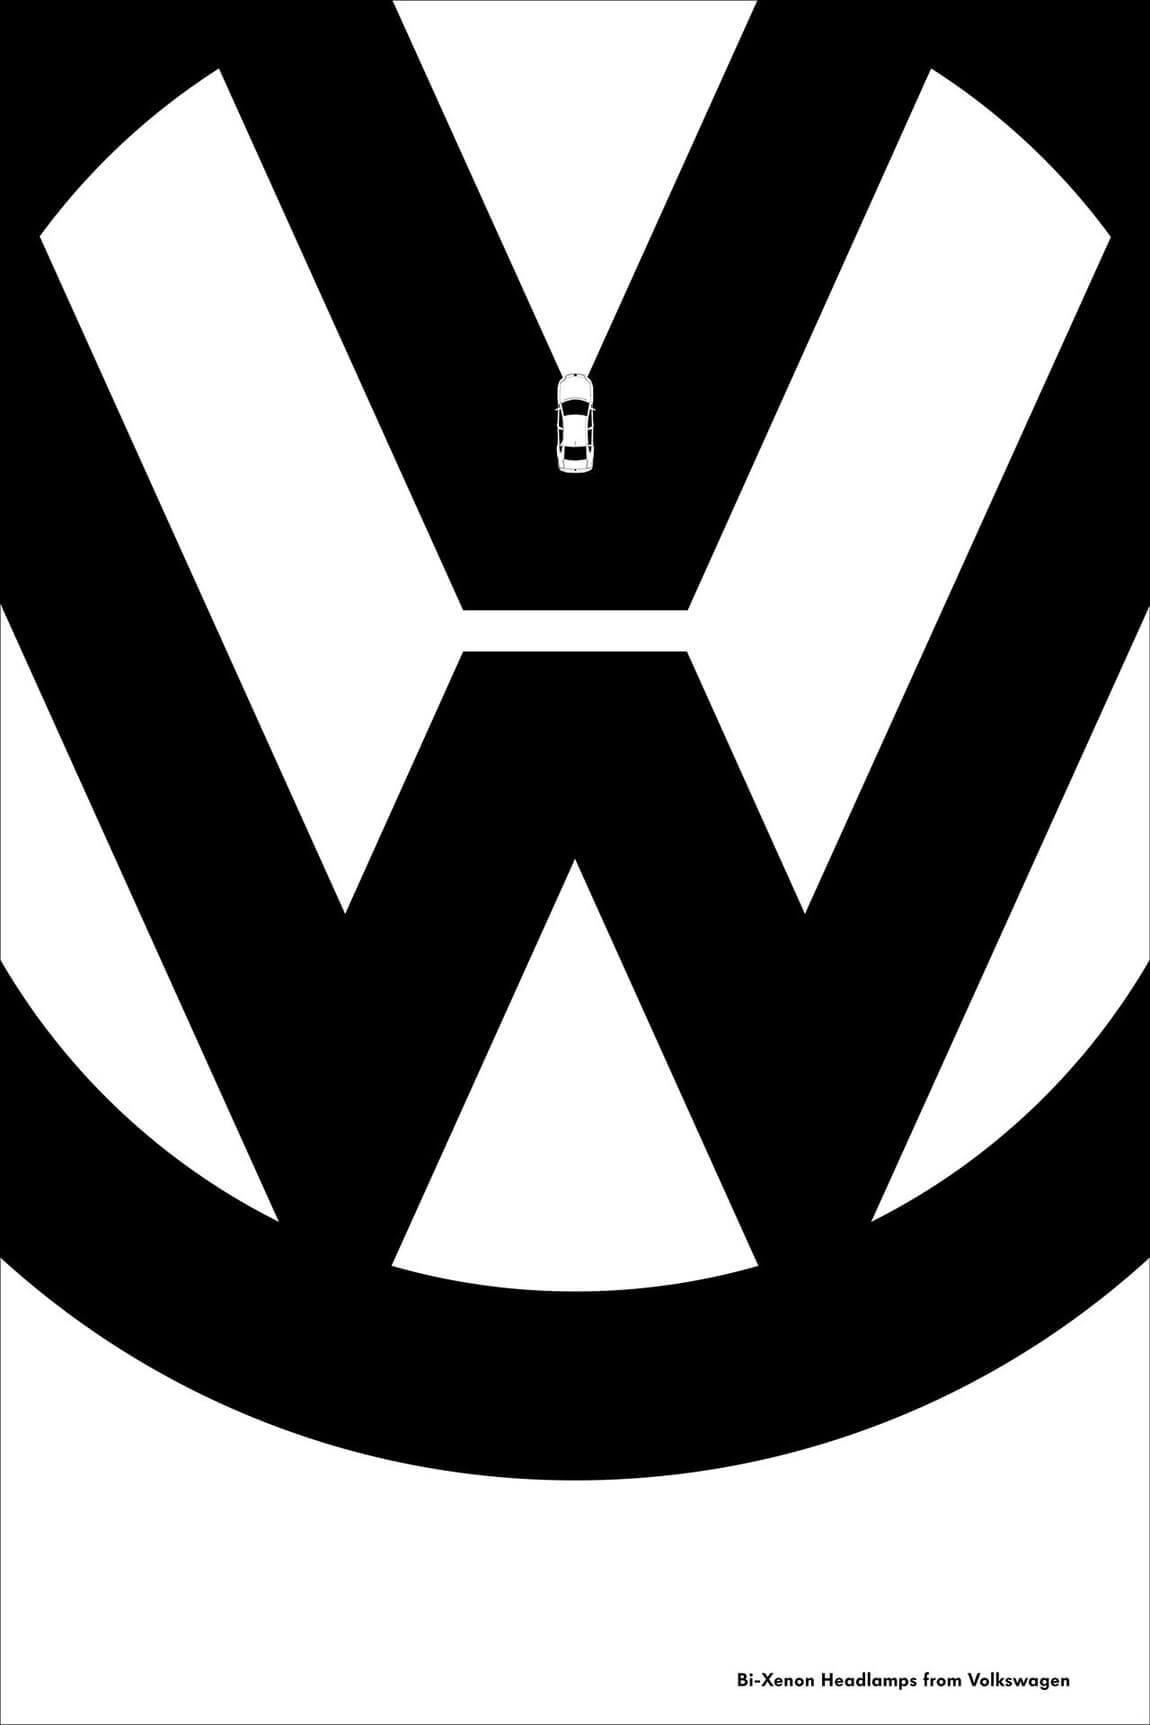 Volkswagen: Avances tecnológicos.